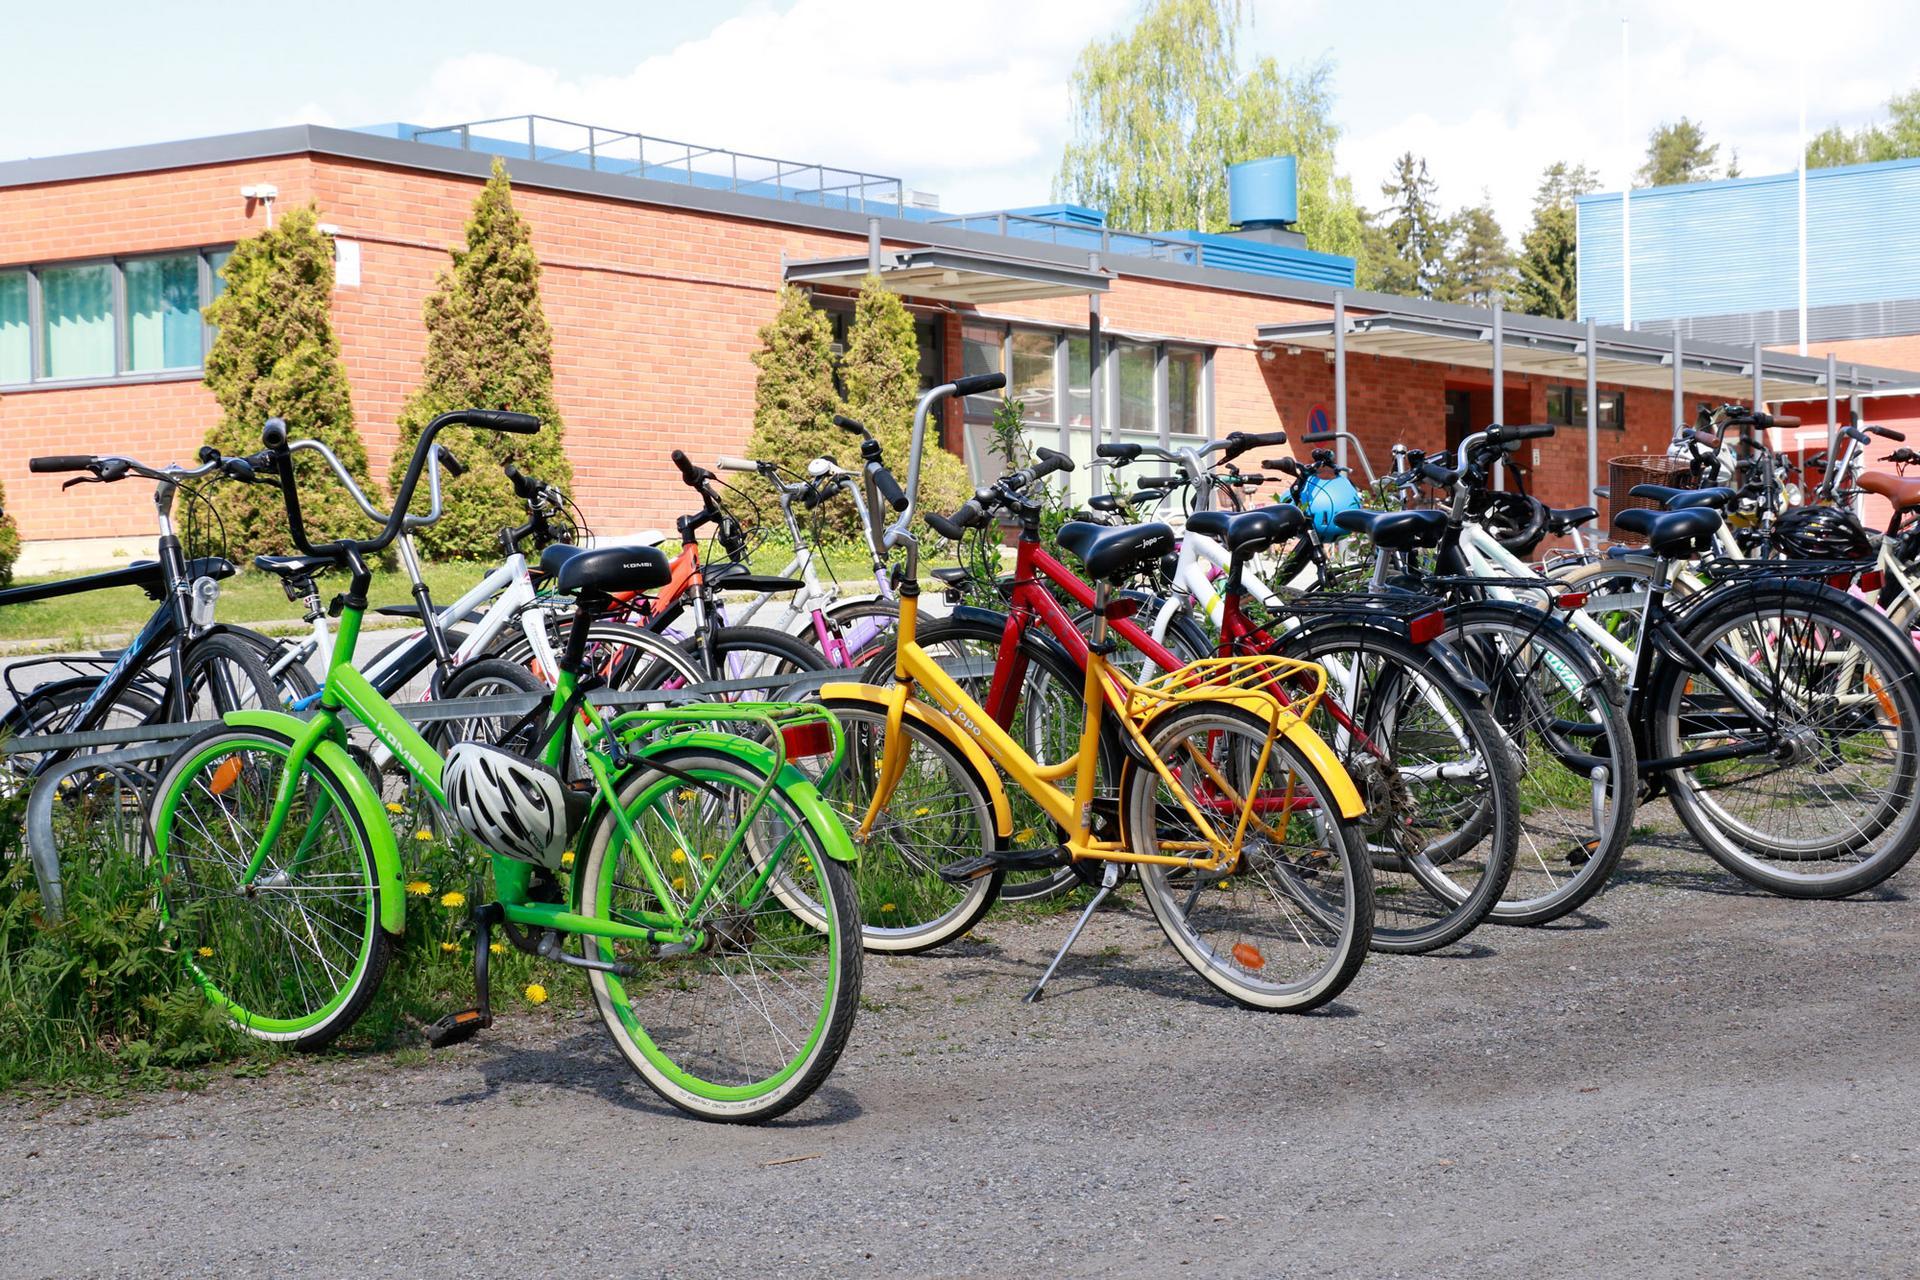 Pikkolan koulu ja Vatialan koulu valittiin Kangasalta mukaan Fiksusti kouluun -ohjelmaan.